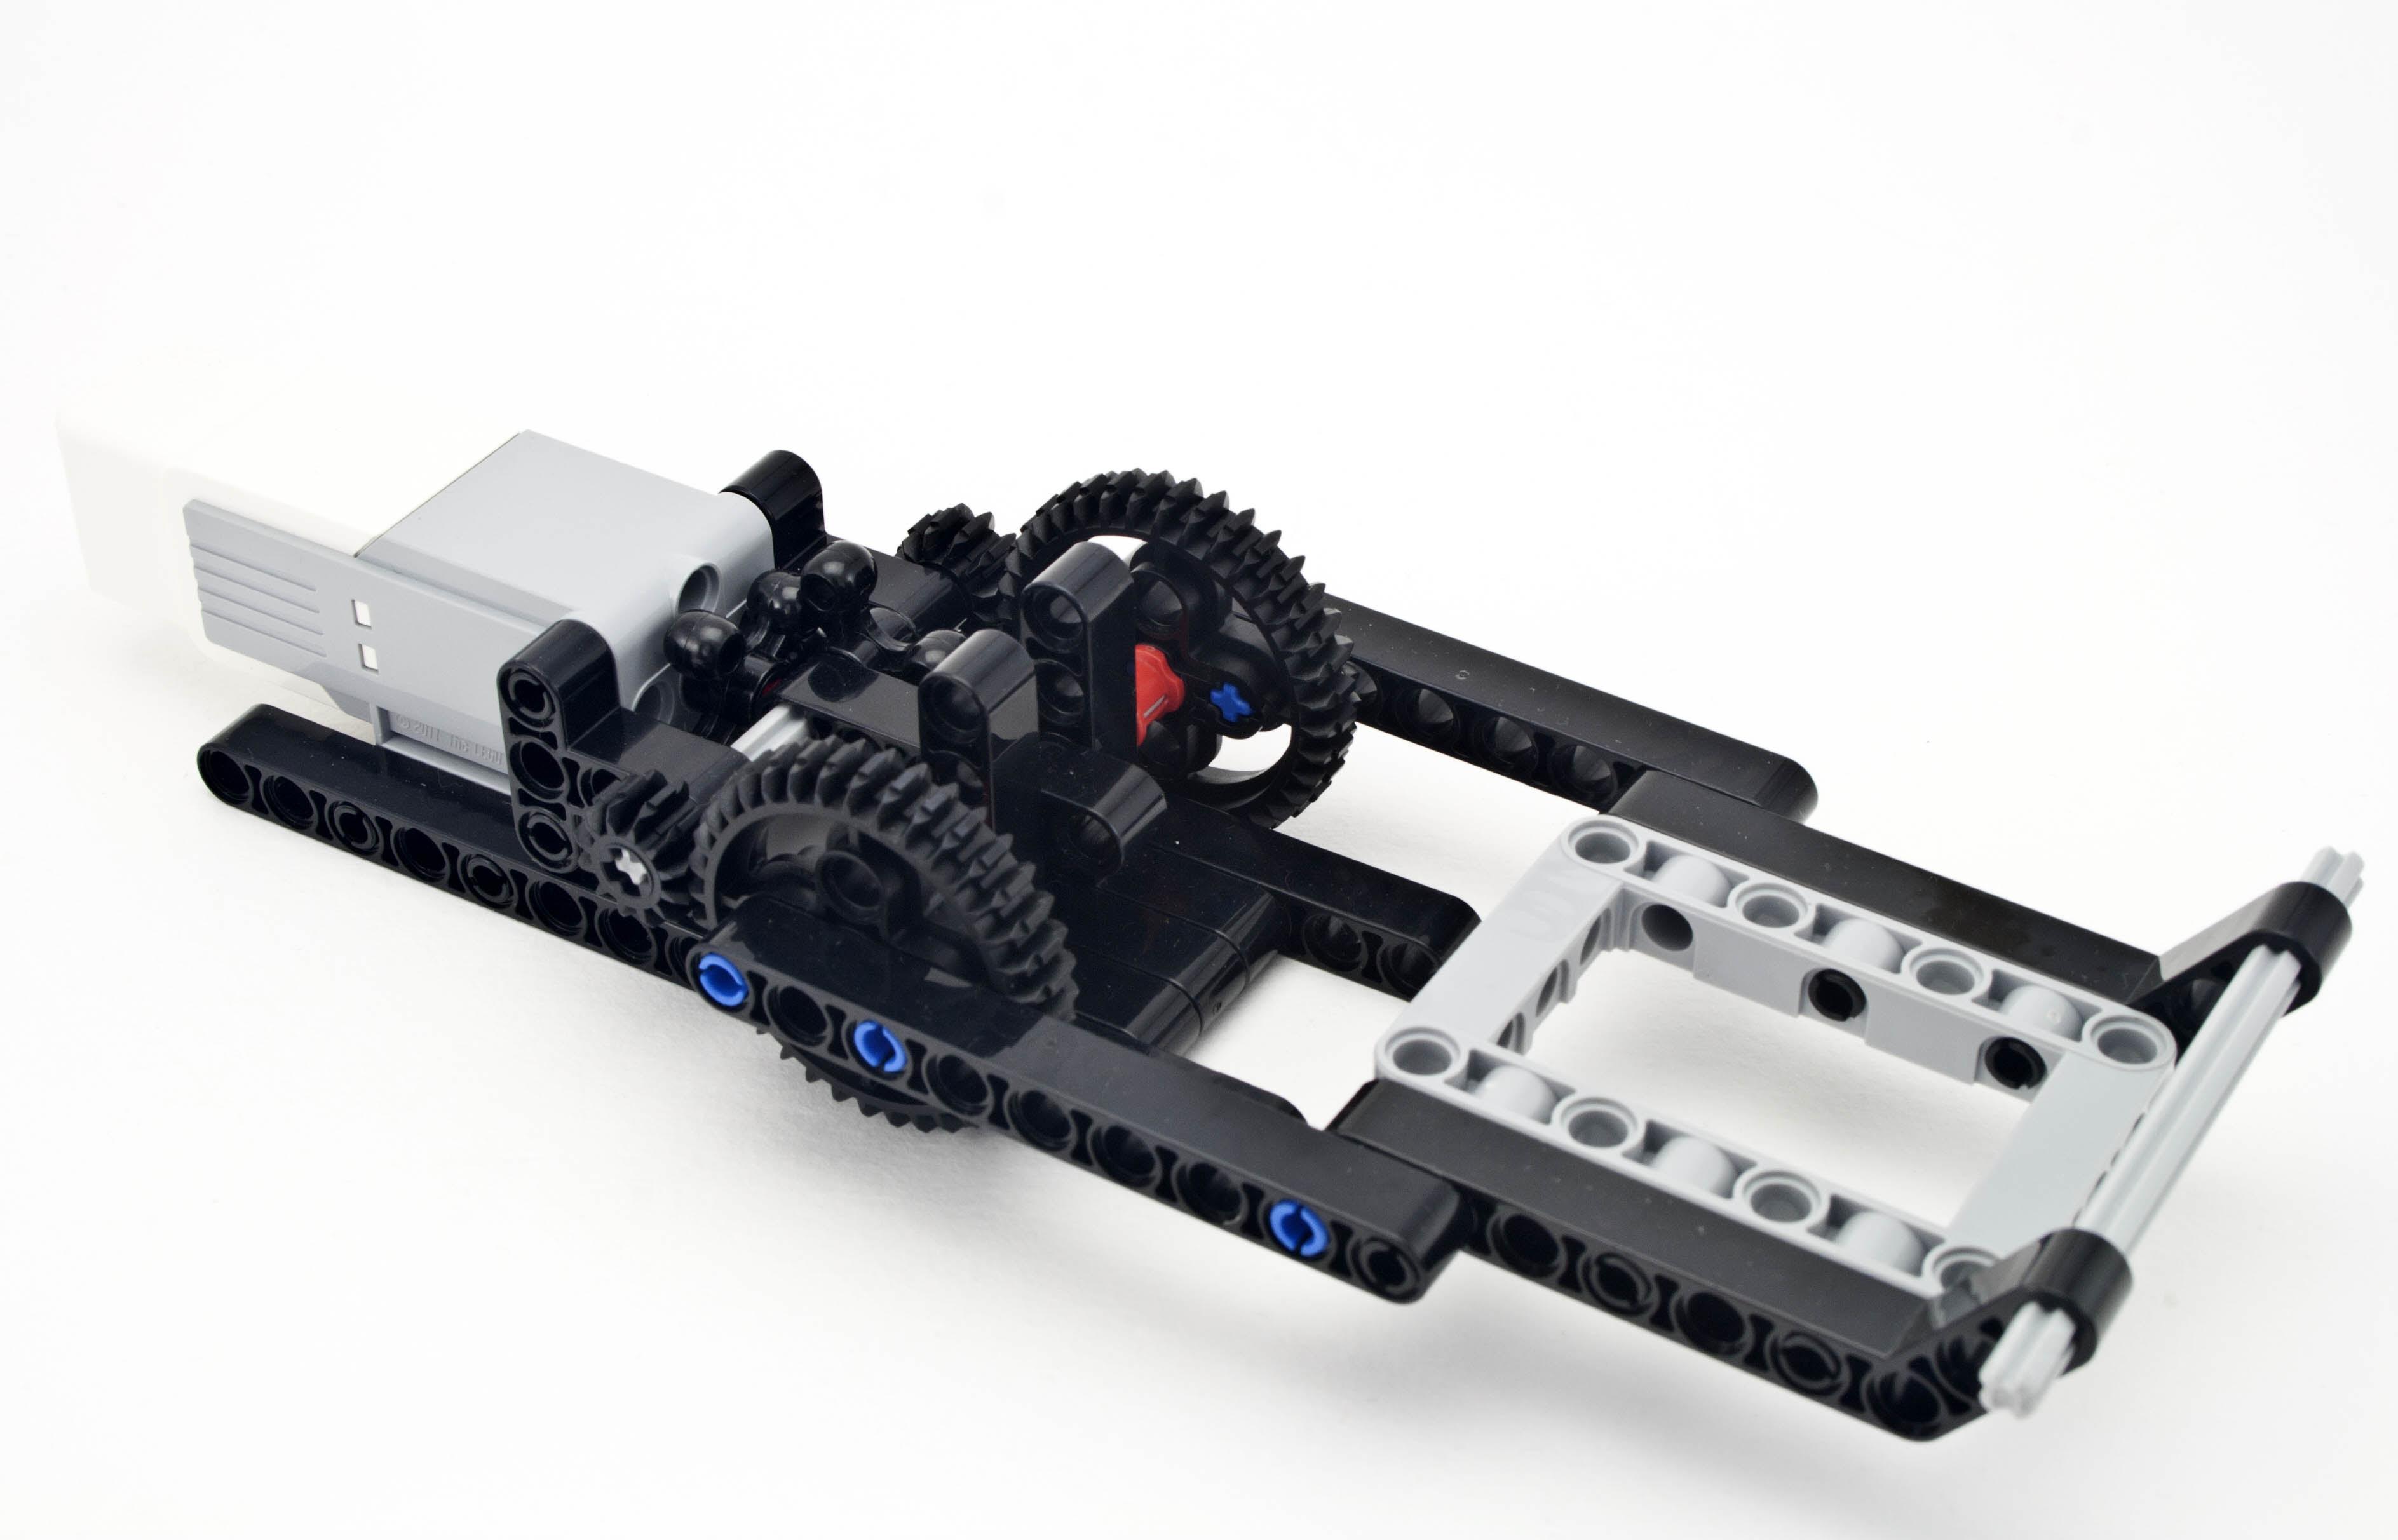 Lego Mindstorms Ev3 Instructions Pdf